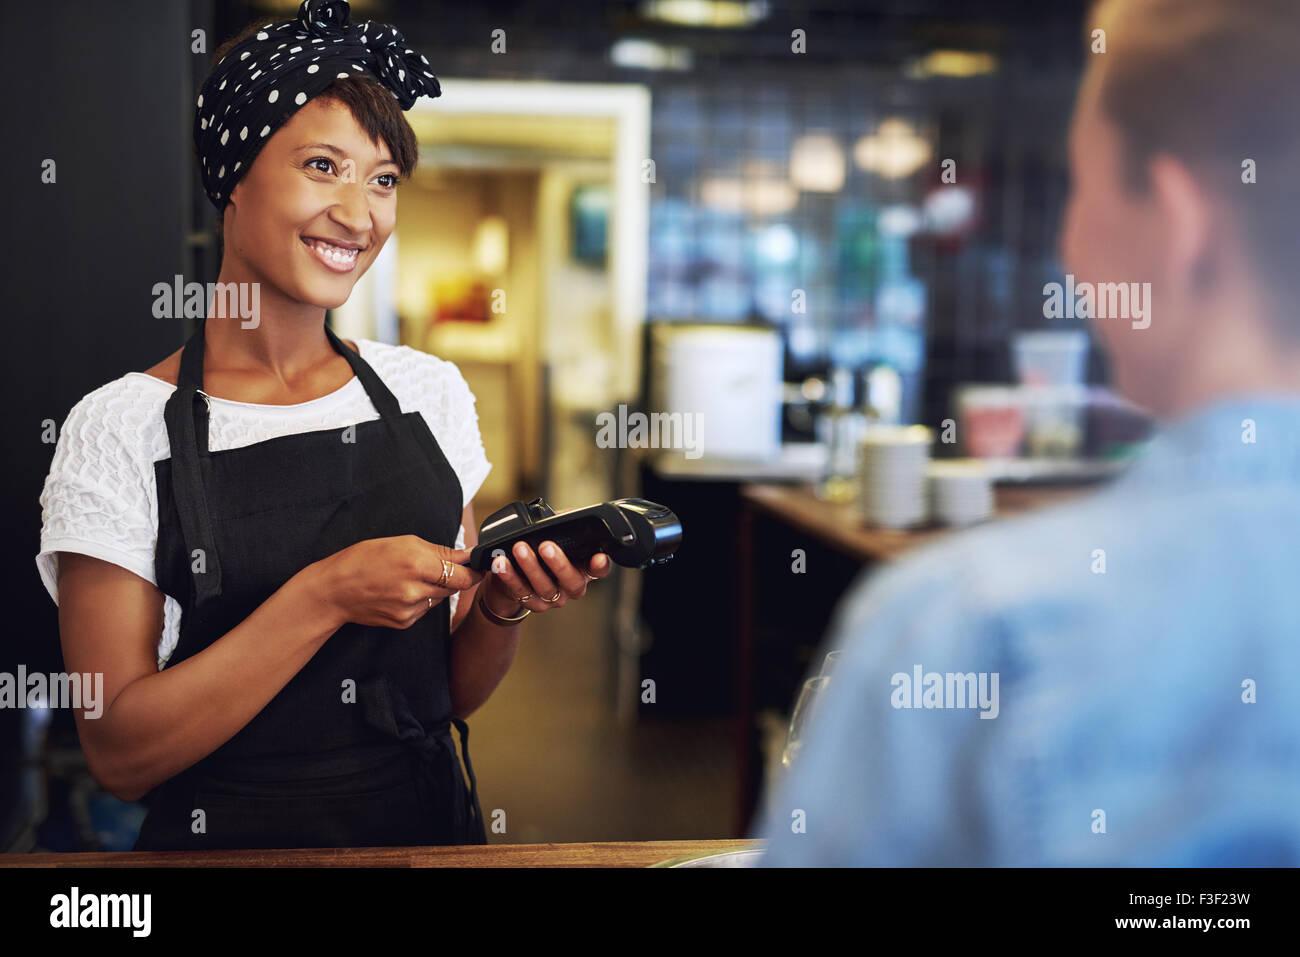 Lächelnd attraktive afrikanische amerikanische Kleinbetrieb Inhaber nehmen Zahlung von einem Kunden, die Verarbeitung Stockbild